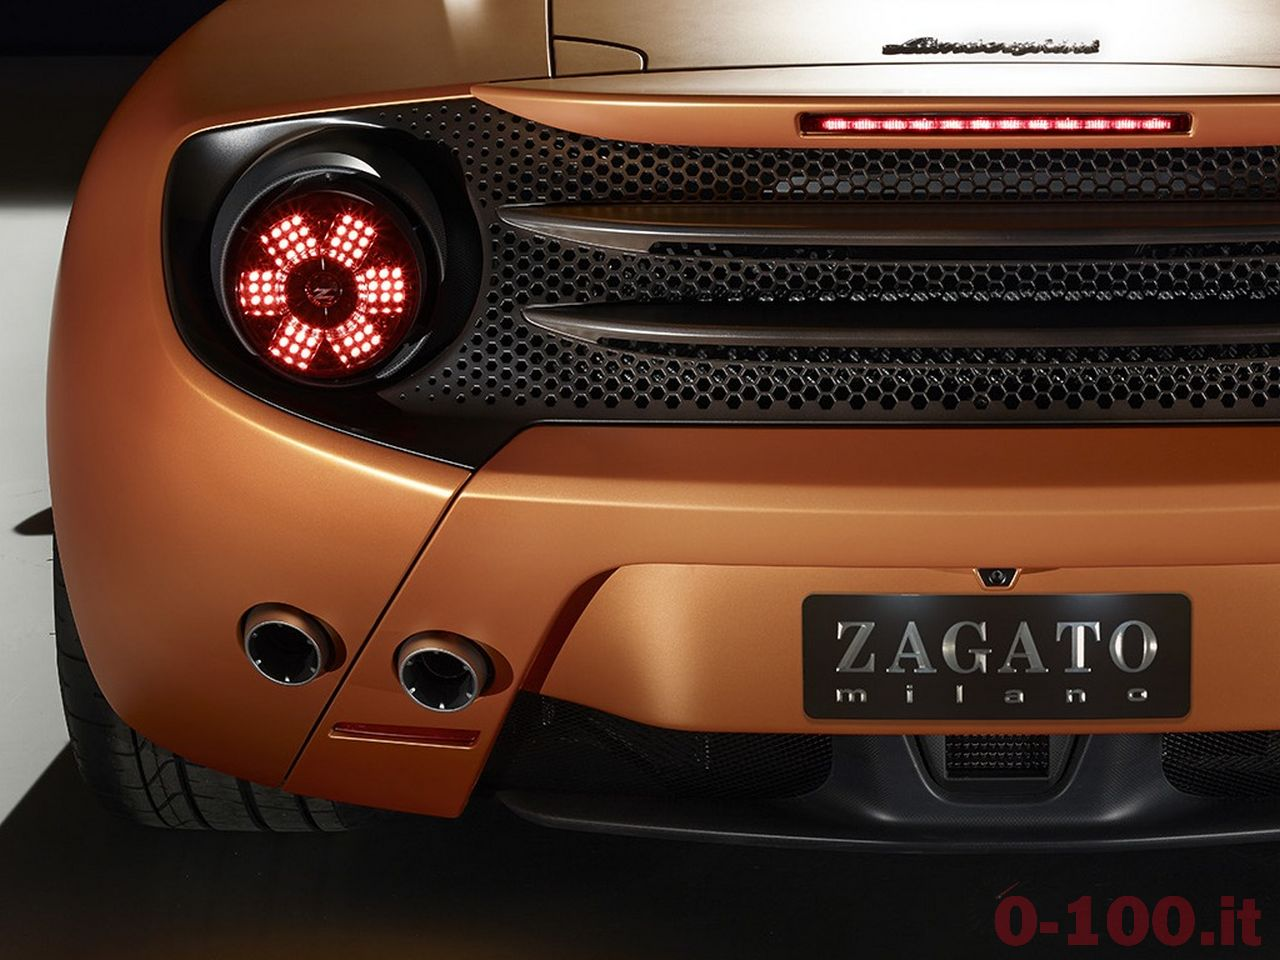 Lamborghini-5-95-Zagato_concorso_villa_deste_2014_Albert _Spiess_0-1008